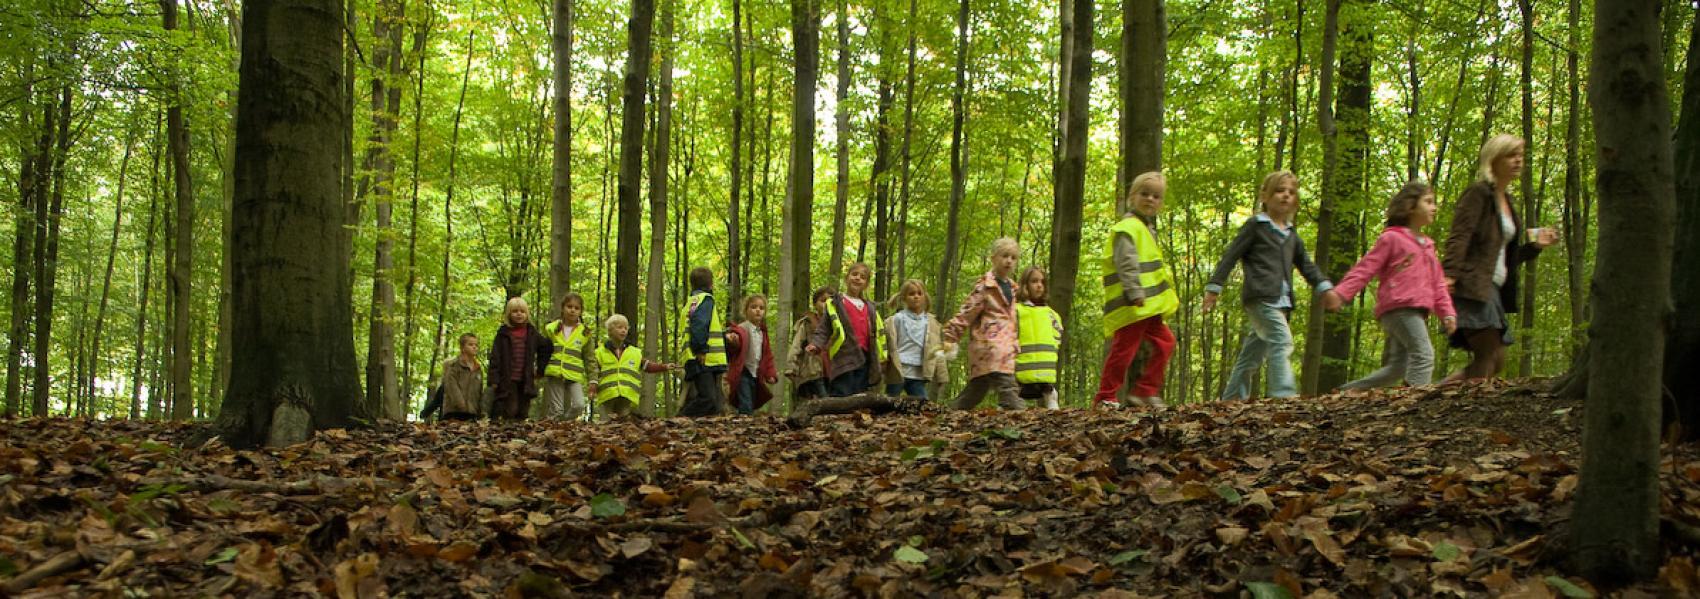 groep kinderen op stap in het bos